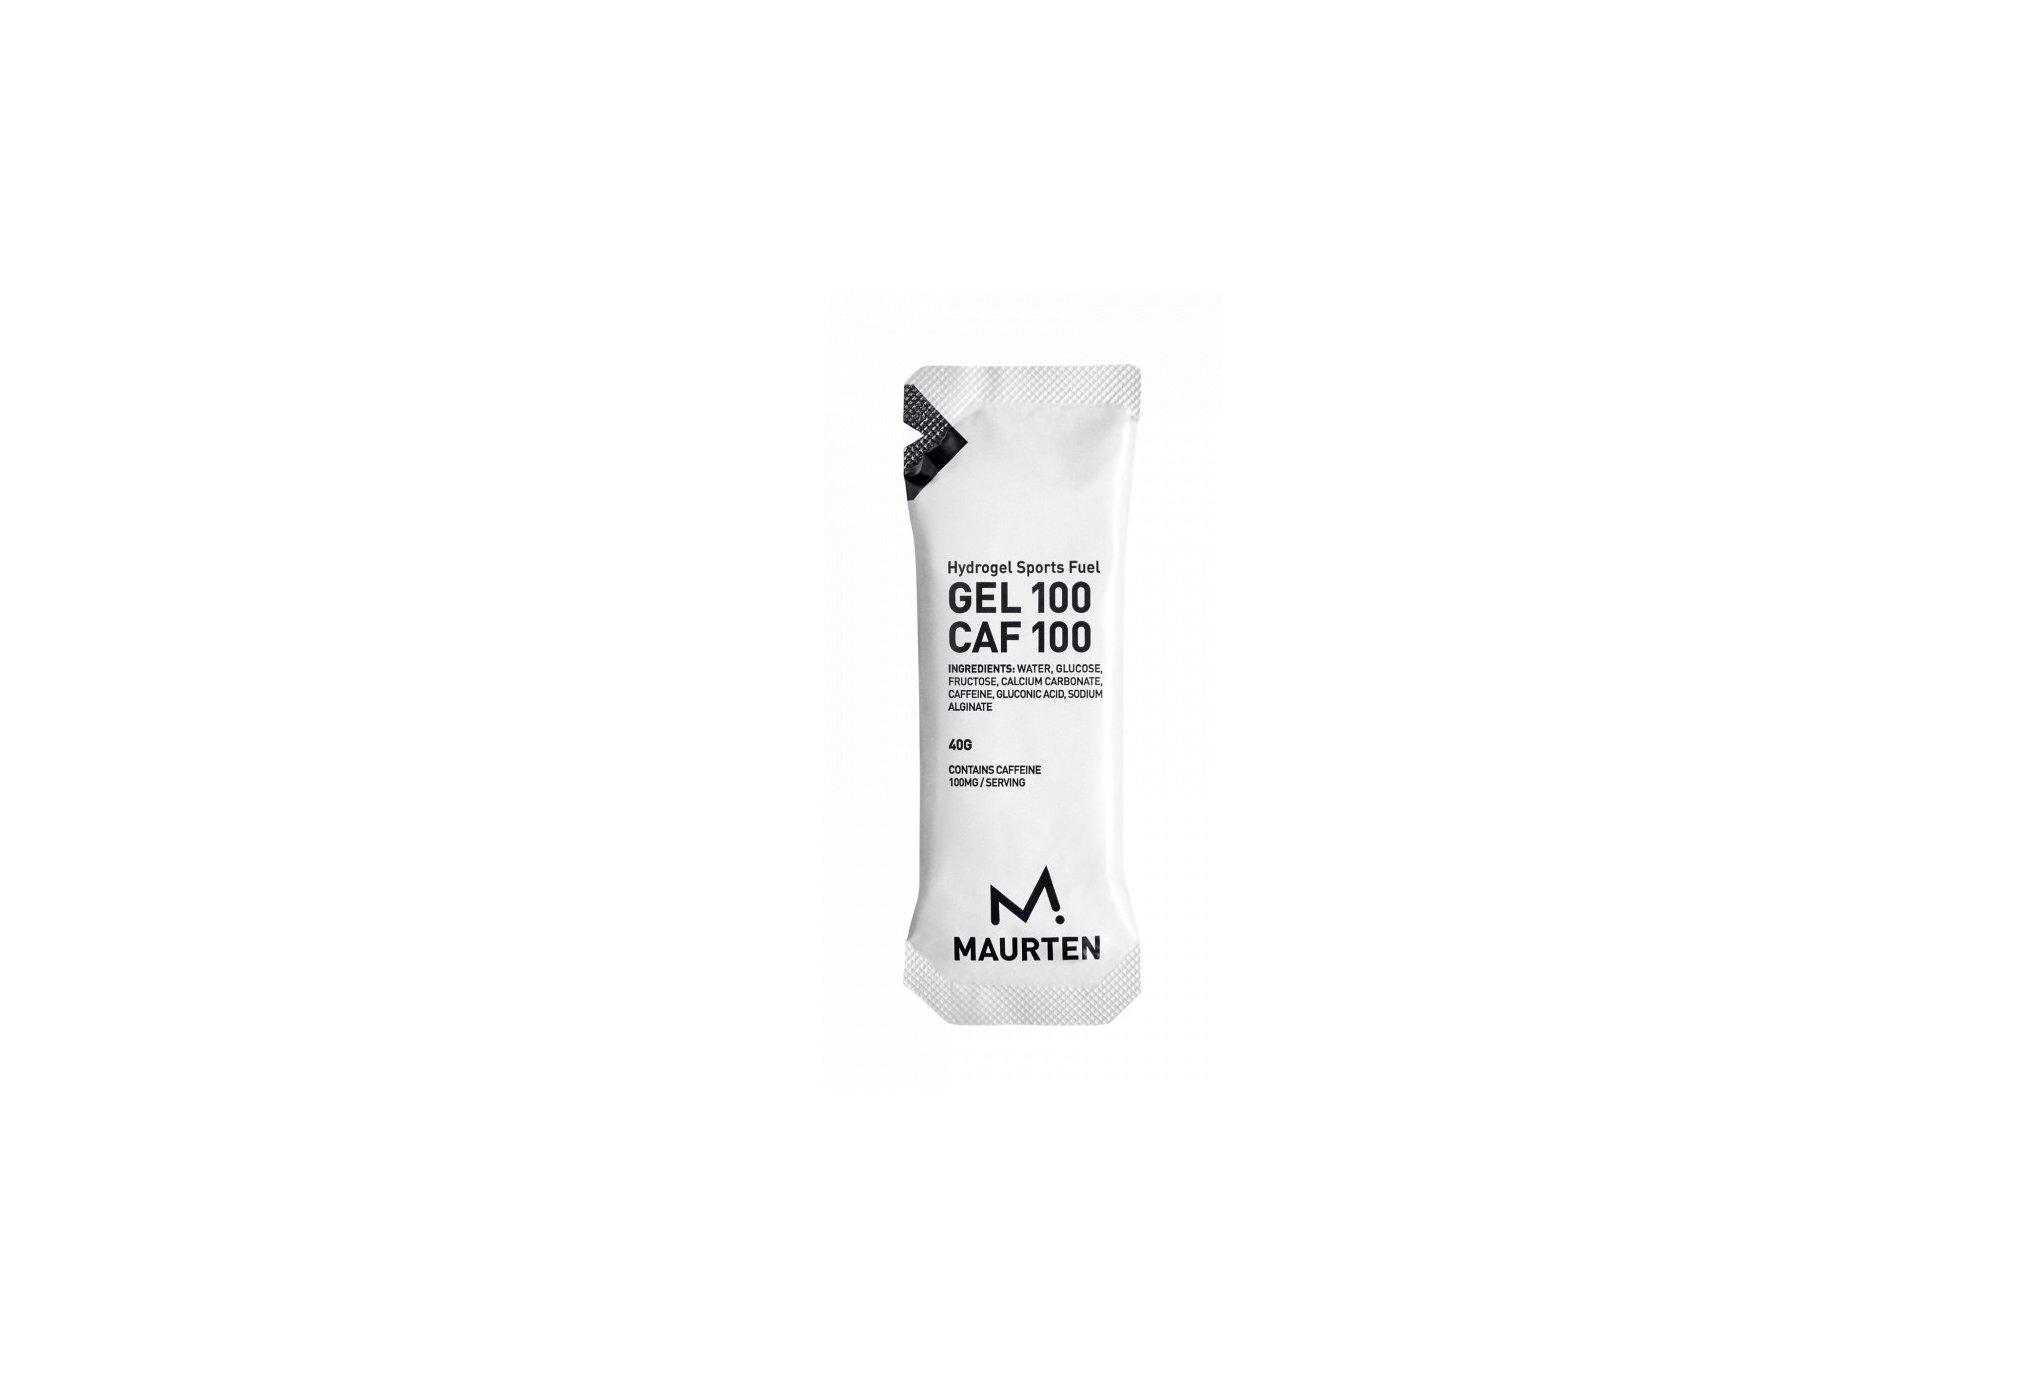 Maurten Gel 100 CAF 100 Diététique Gels